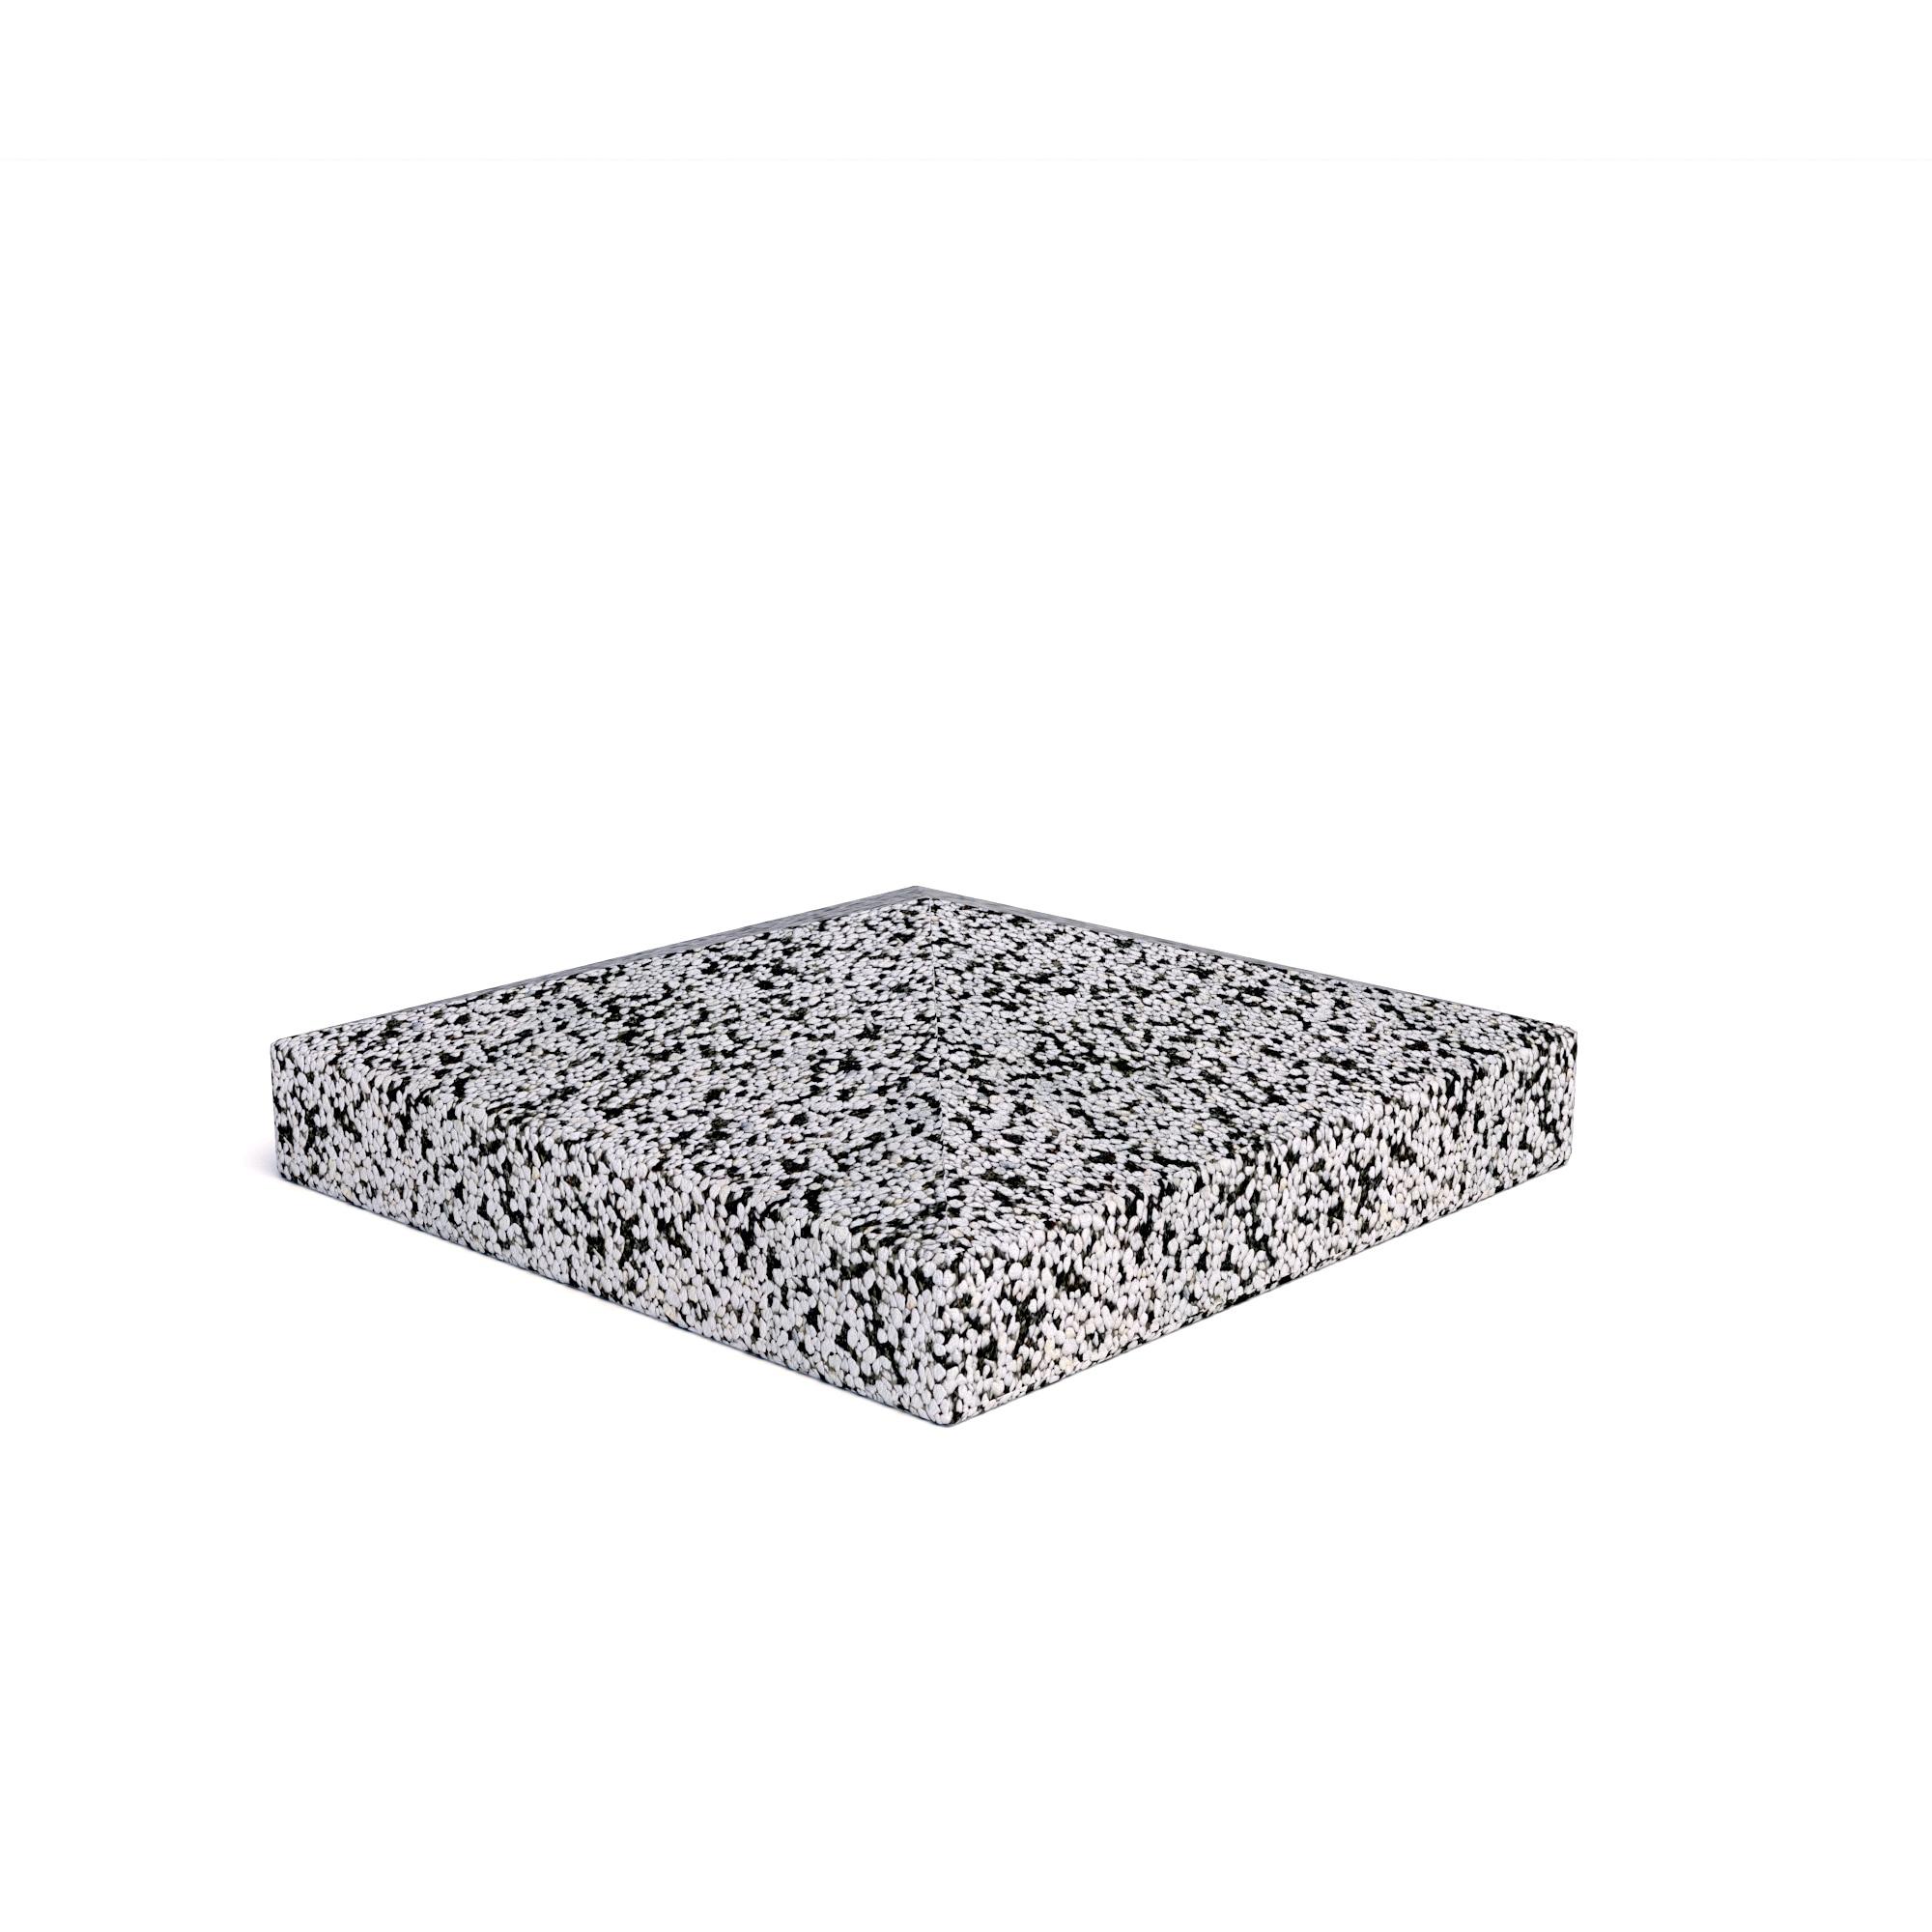 Купить навершие для столба из бетона жаростойкий бетоны